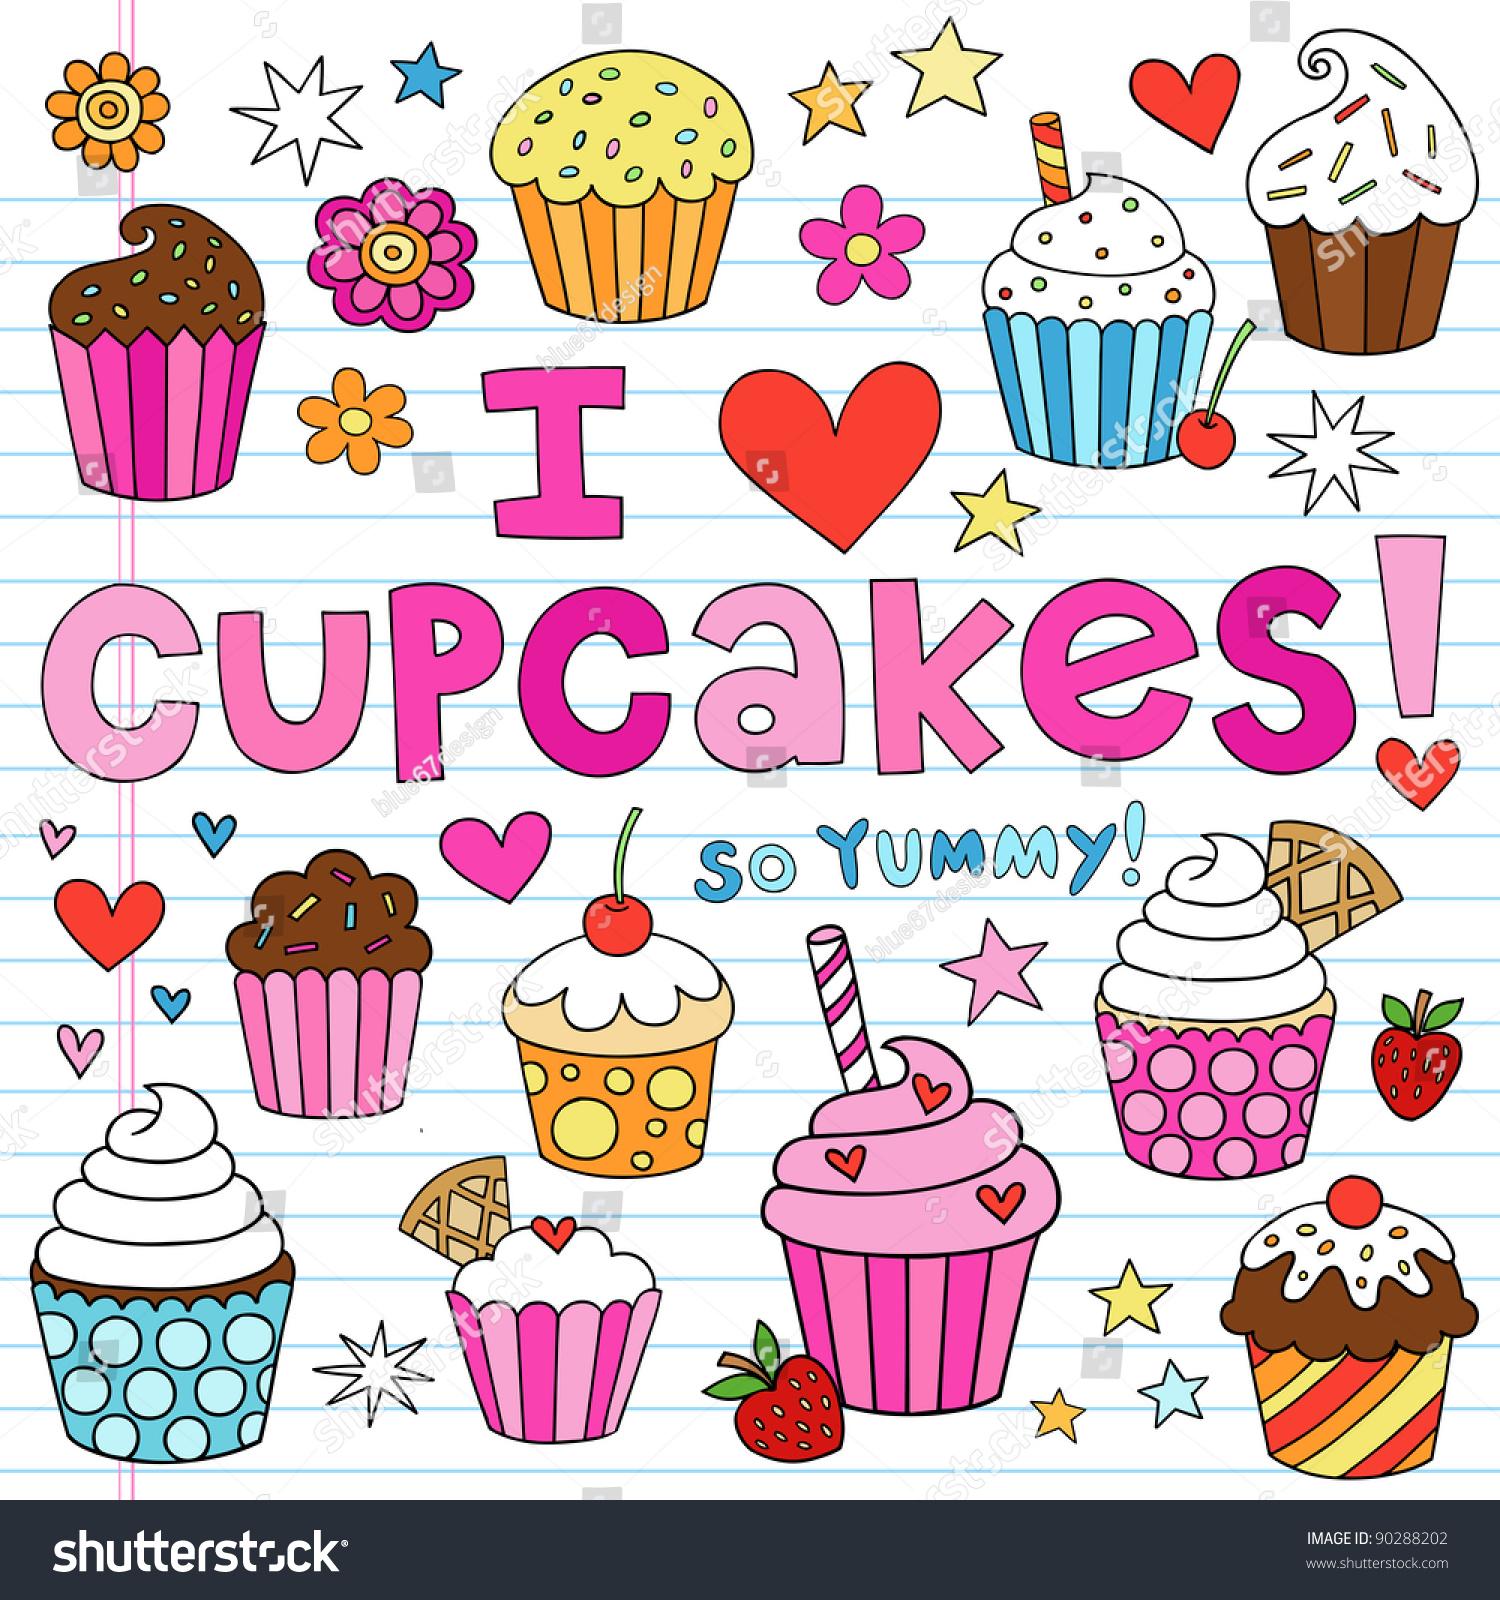 手绘蛋糕甜点笔记本涂鸦设计元素上设置着素描本论文